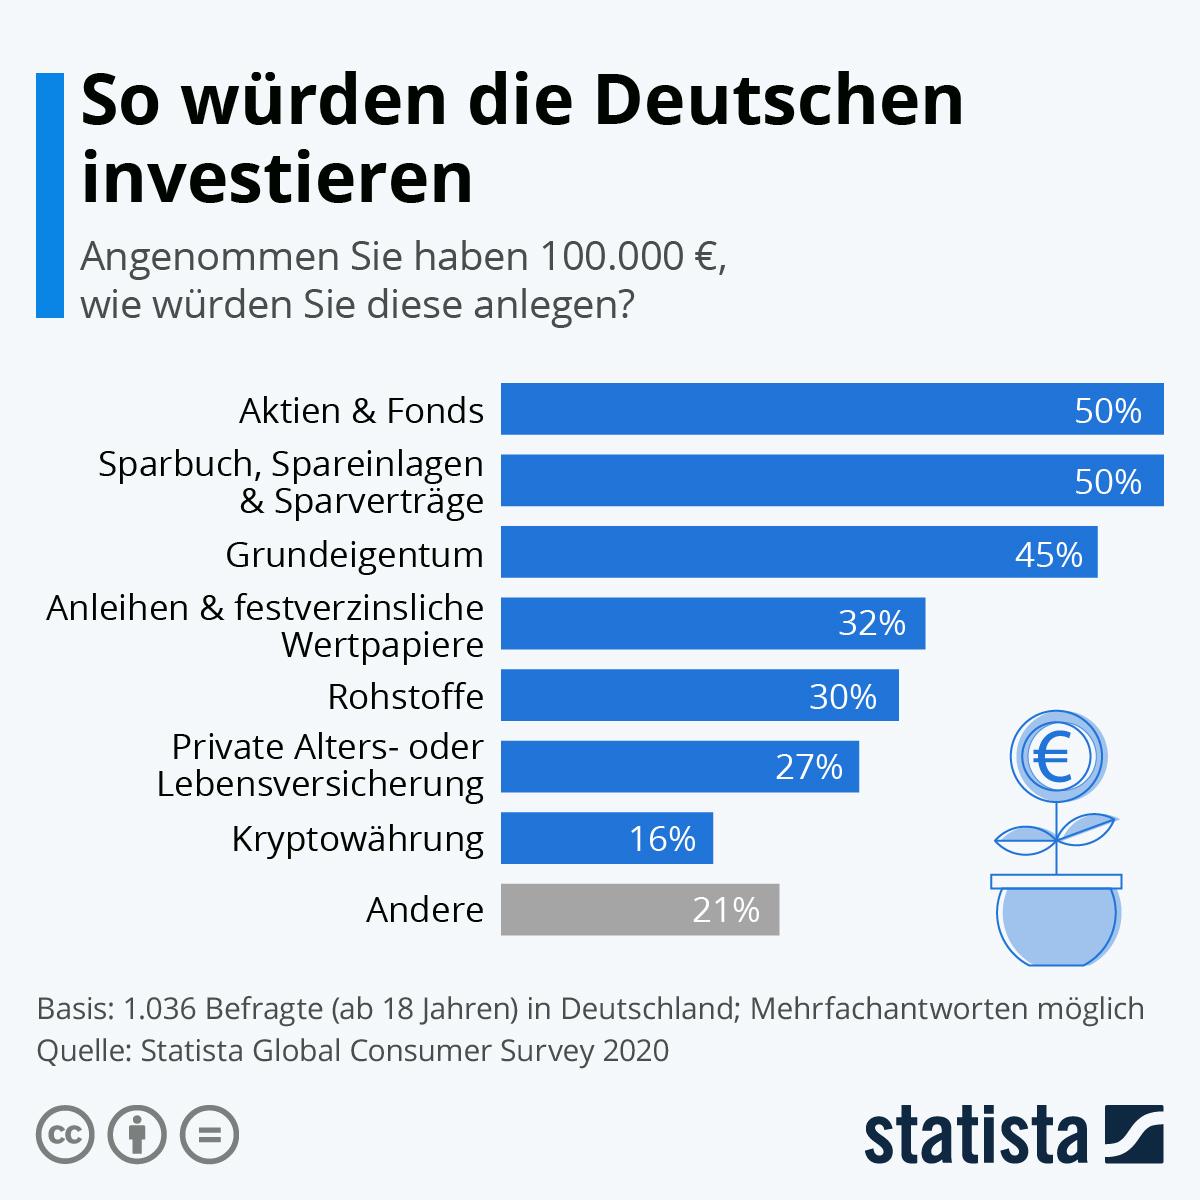 Infografik: So würden die Deutschen investieren | Statista